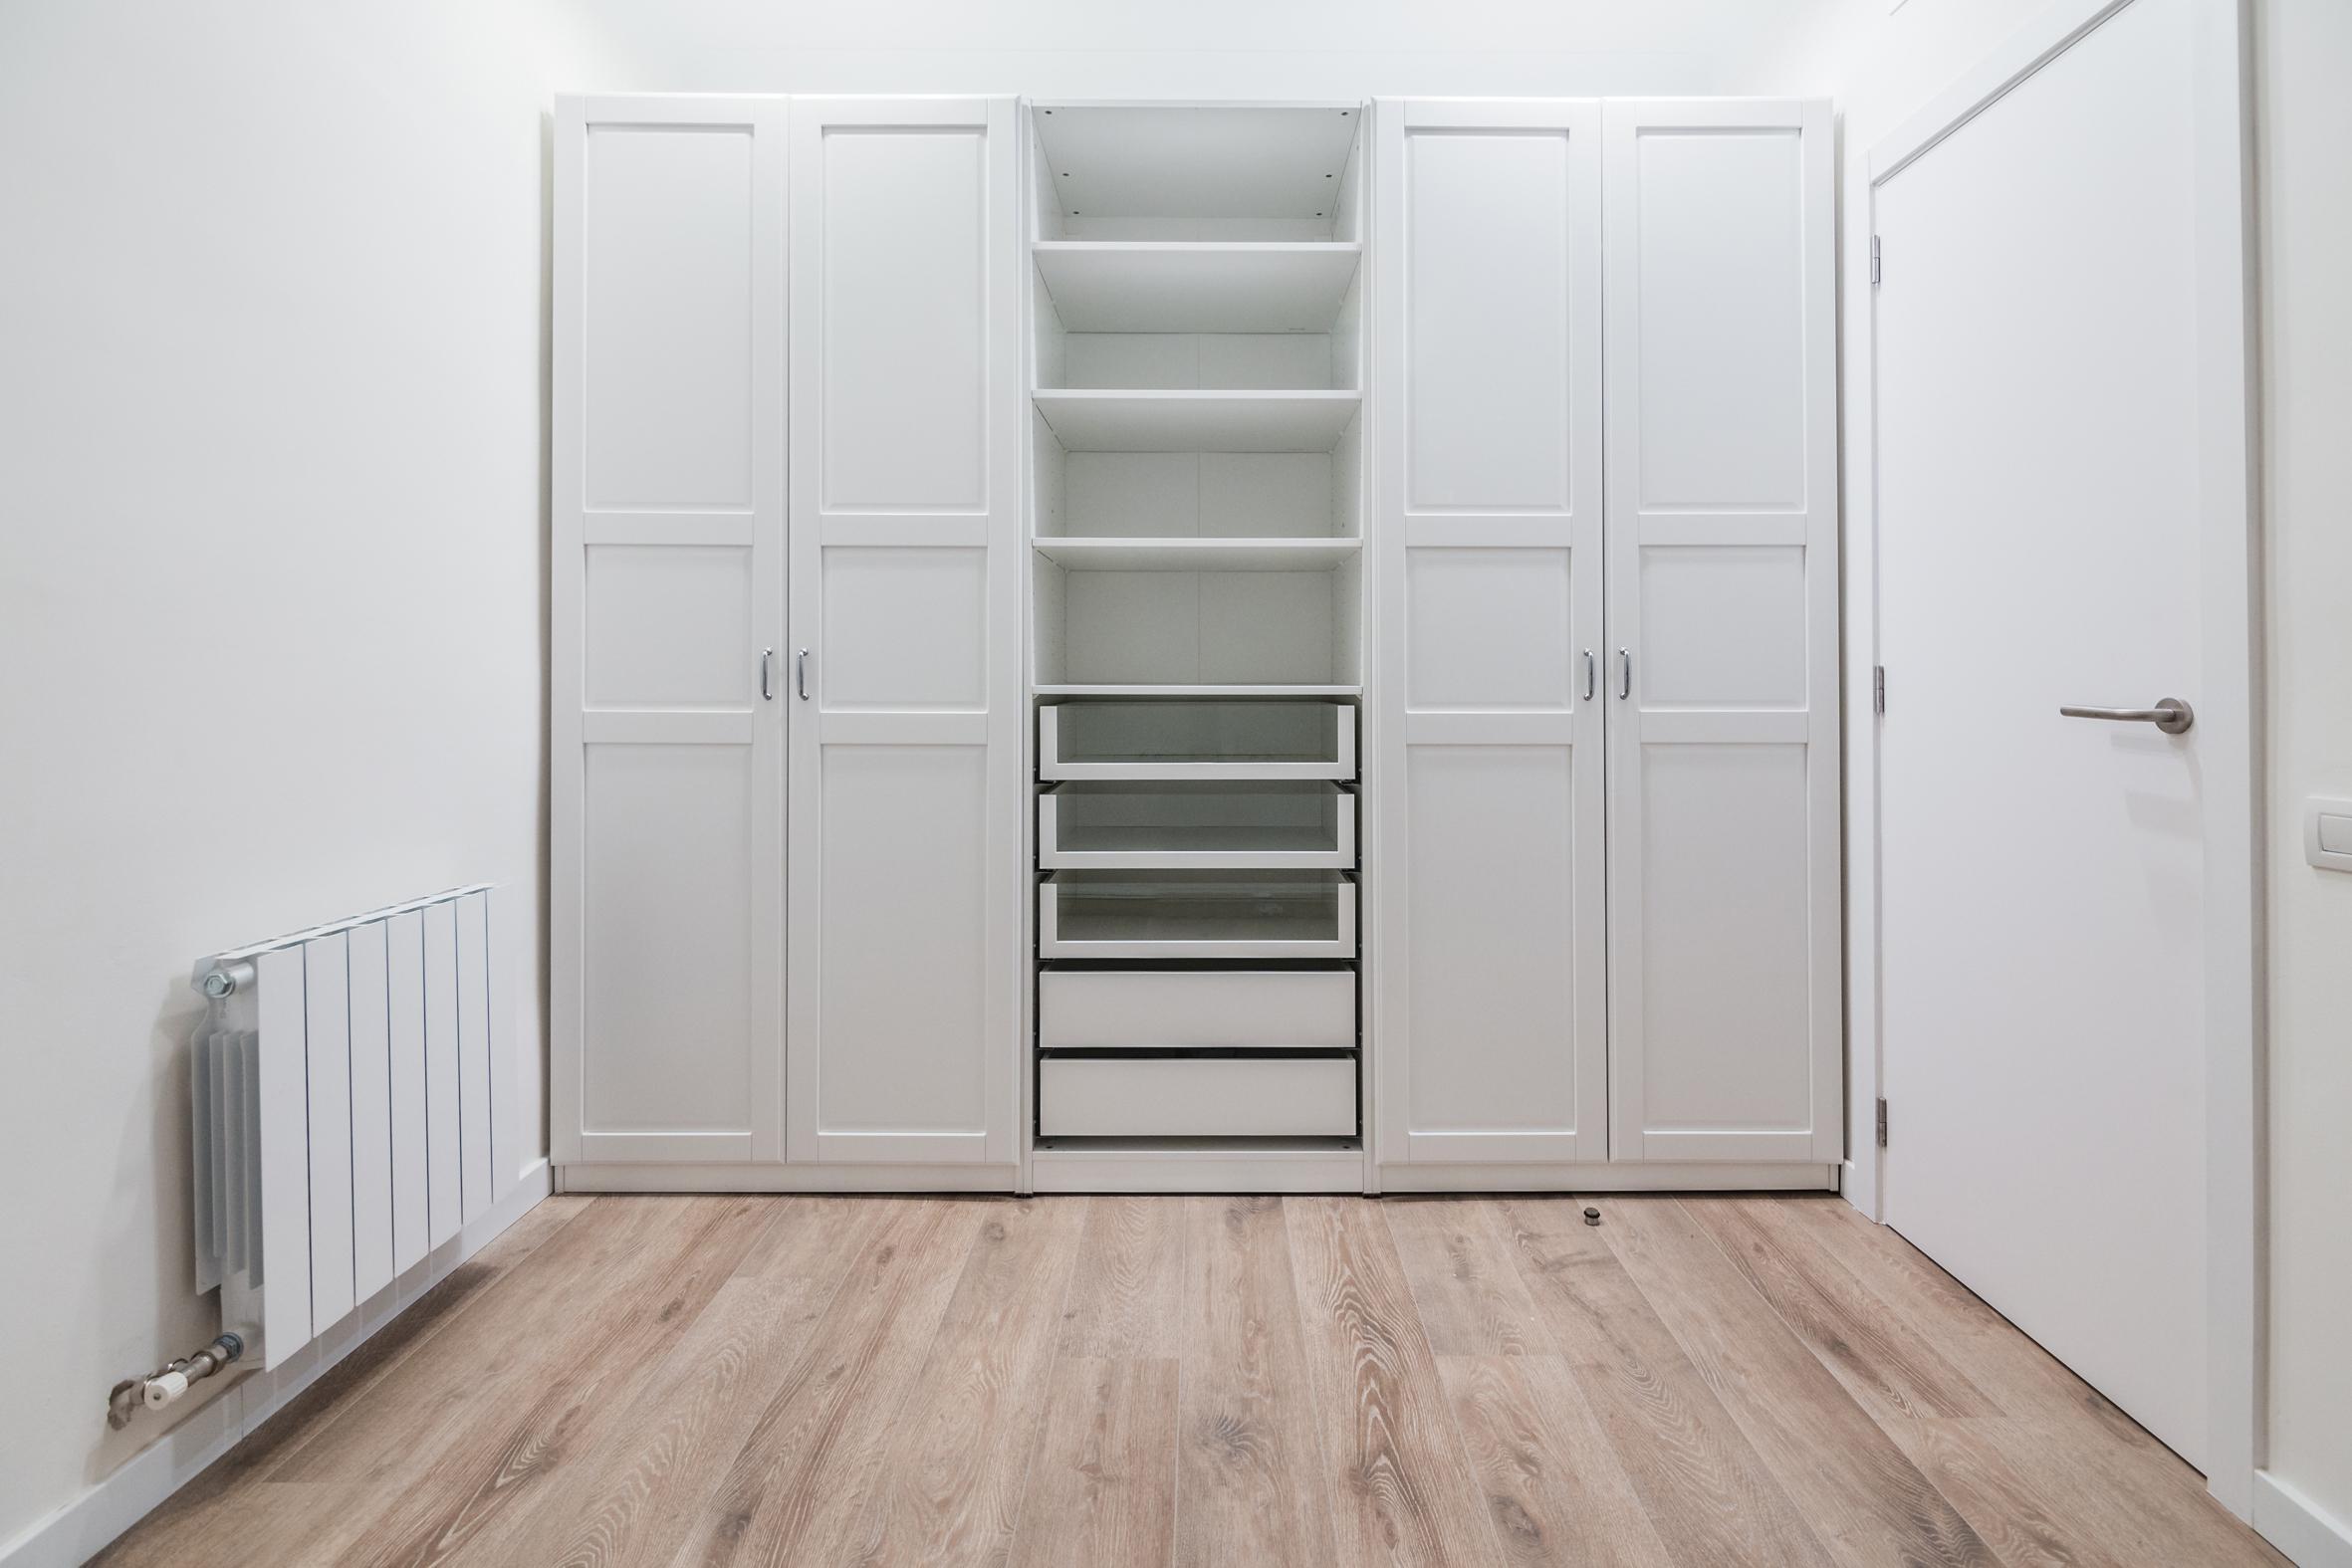 202959 Apartamento en venda en Sarrià-Sant Gervasi, St. Gervasi-Bonanova 13